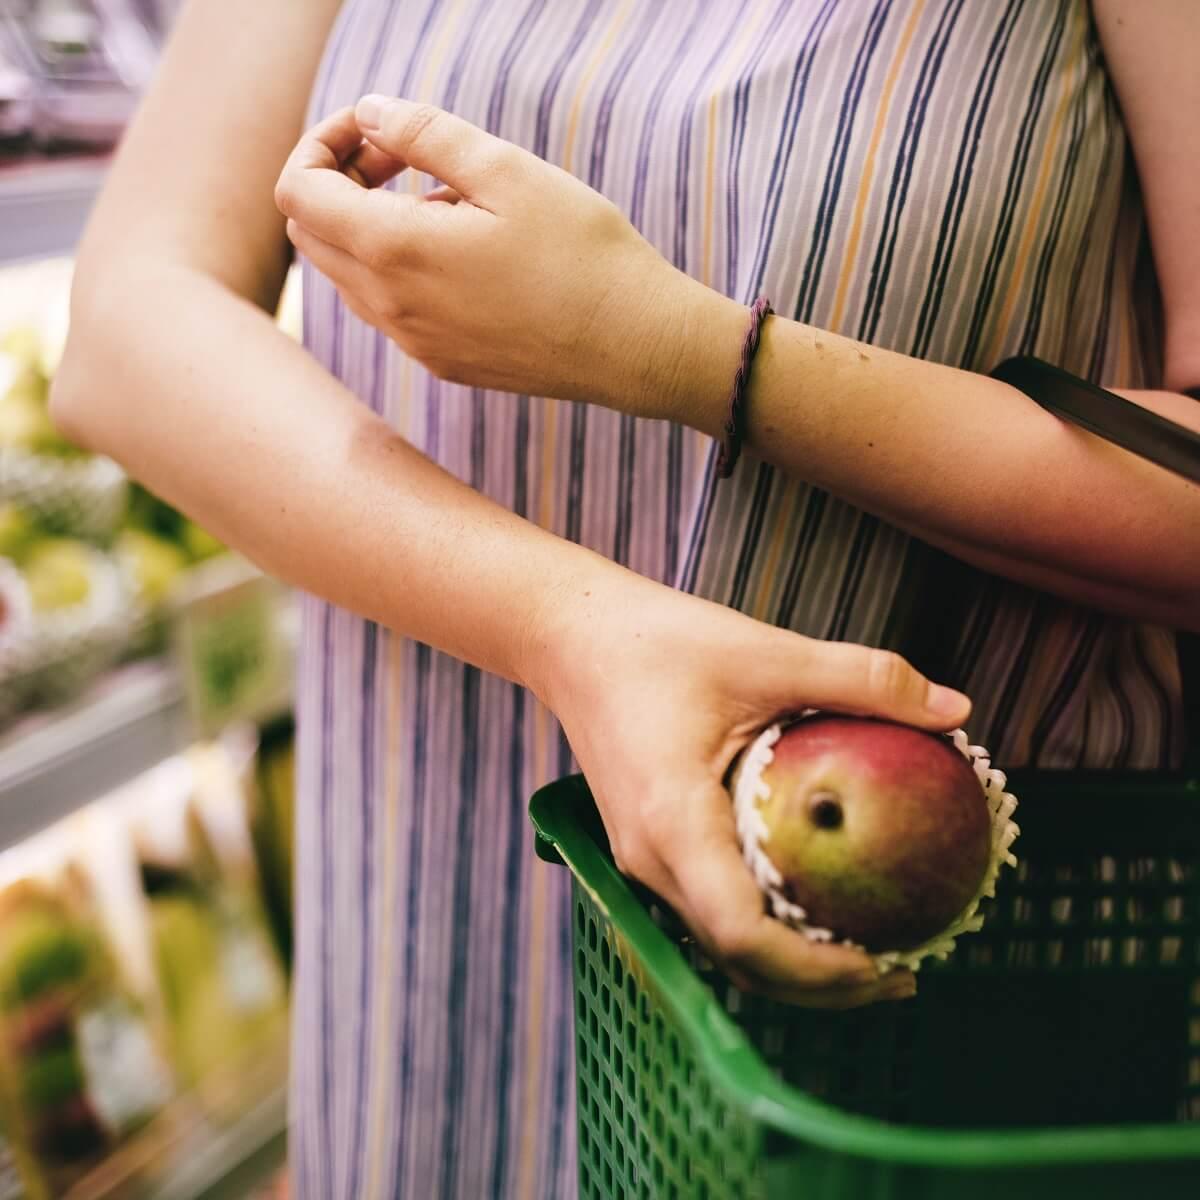 スーパーマーケットでりんごを入れている様子。